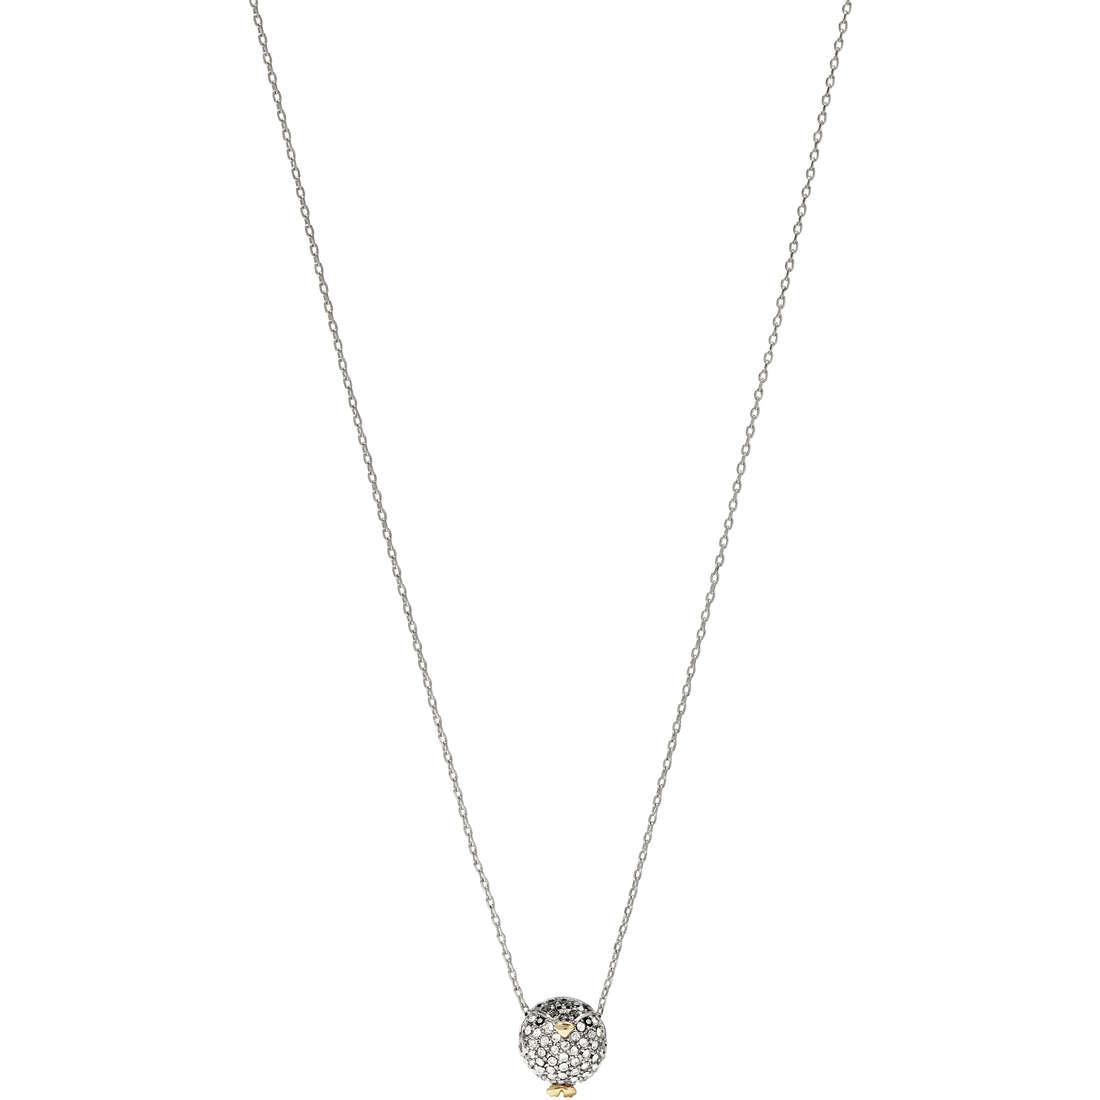 collana donna gioielli Fossil JA6223998